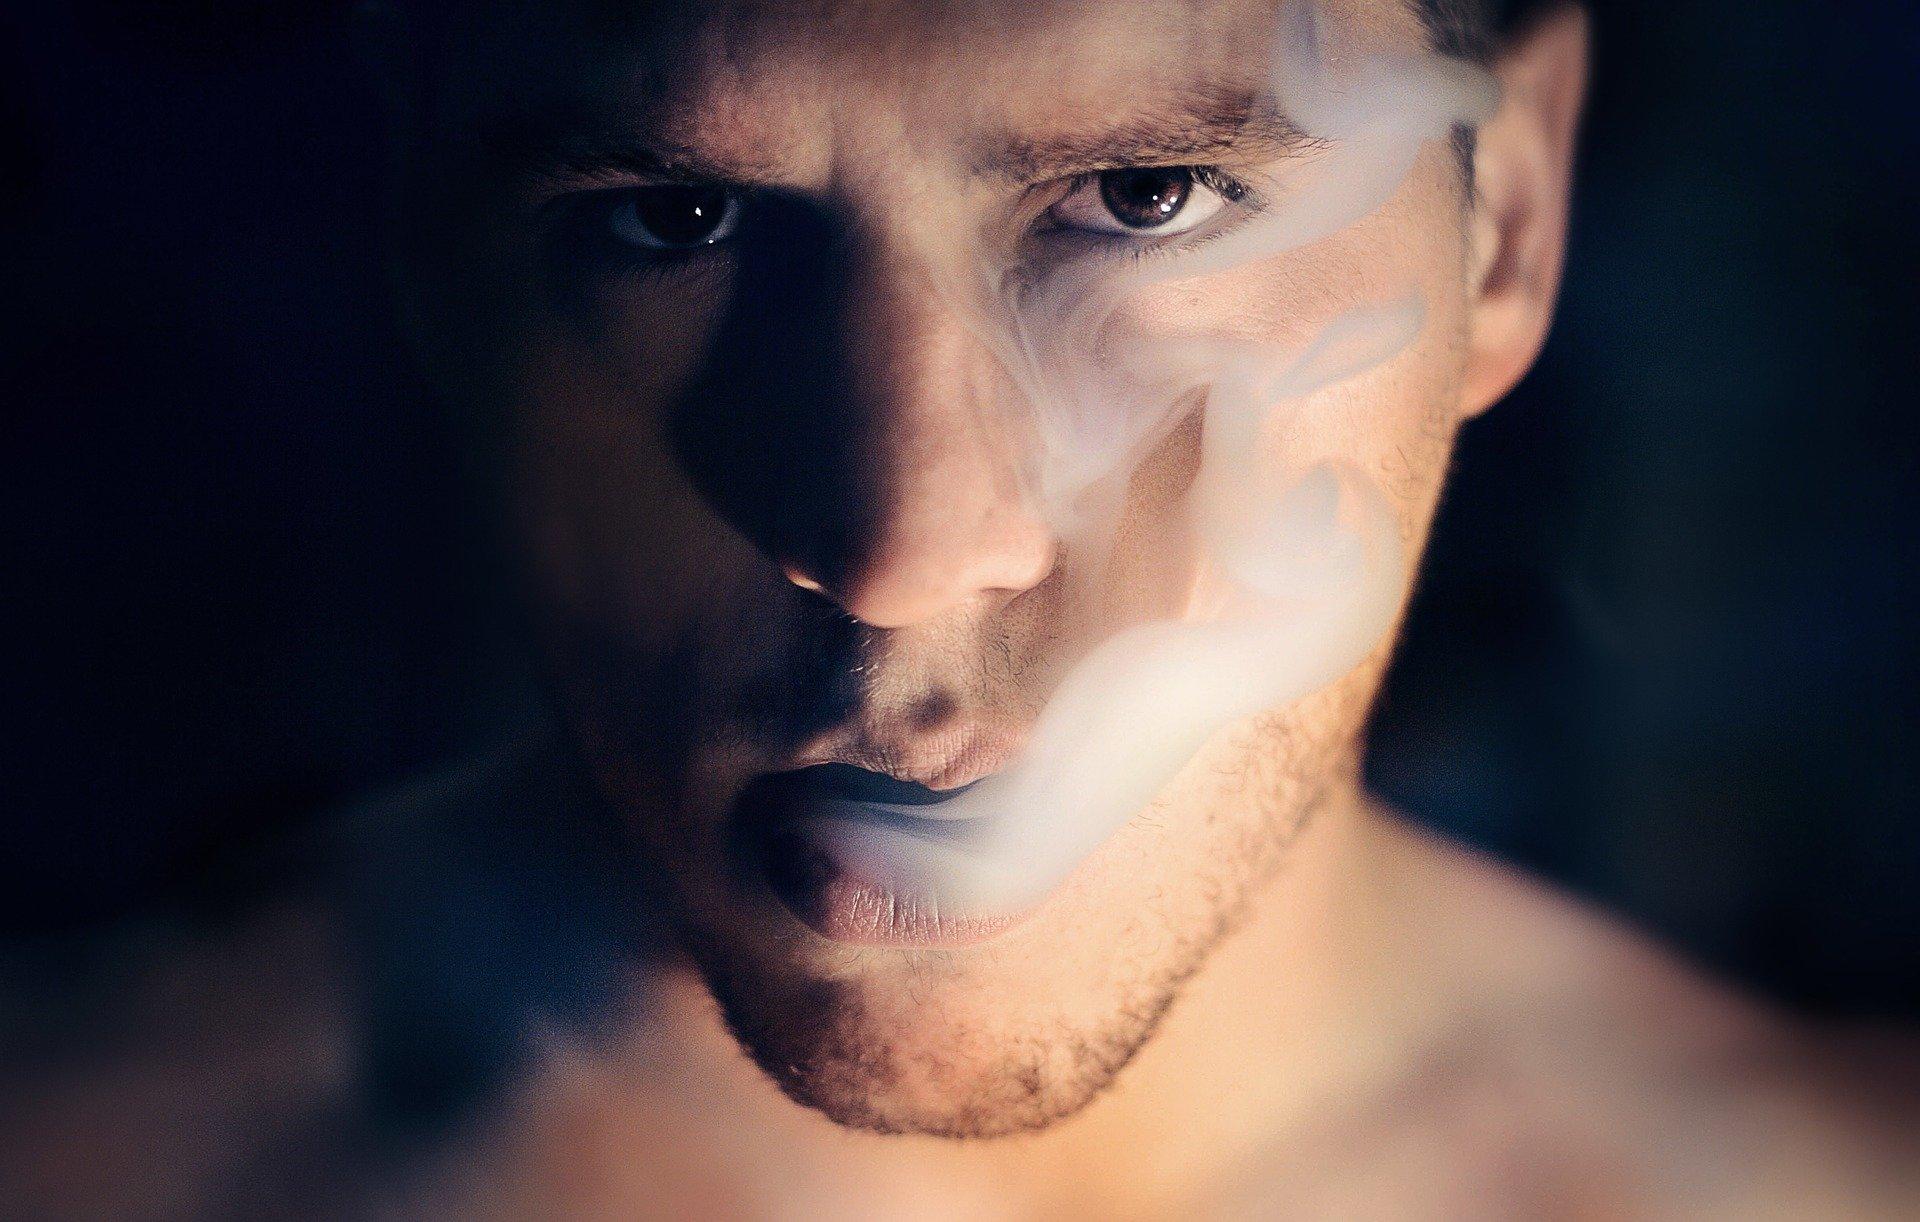 rauchentwöhnung in münchen